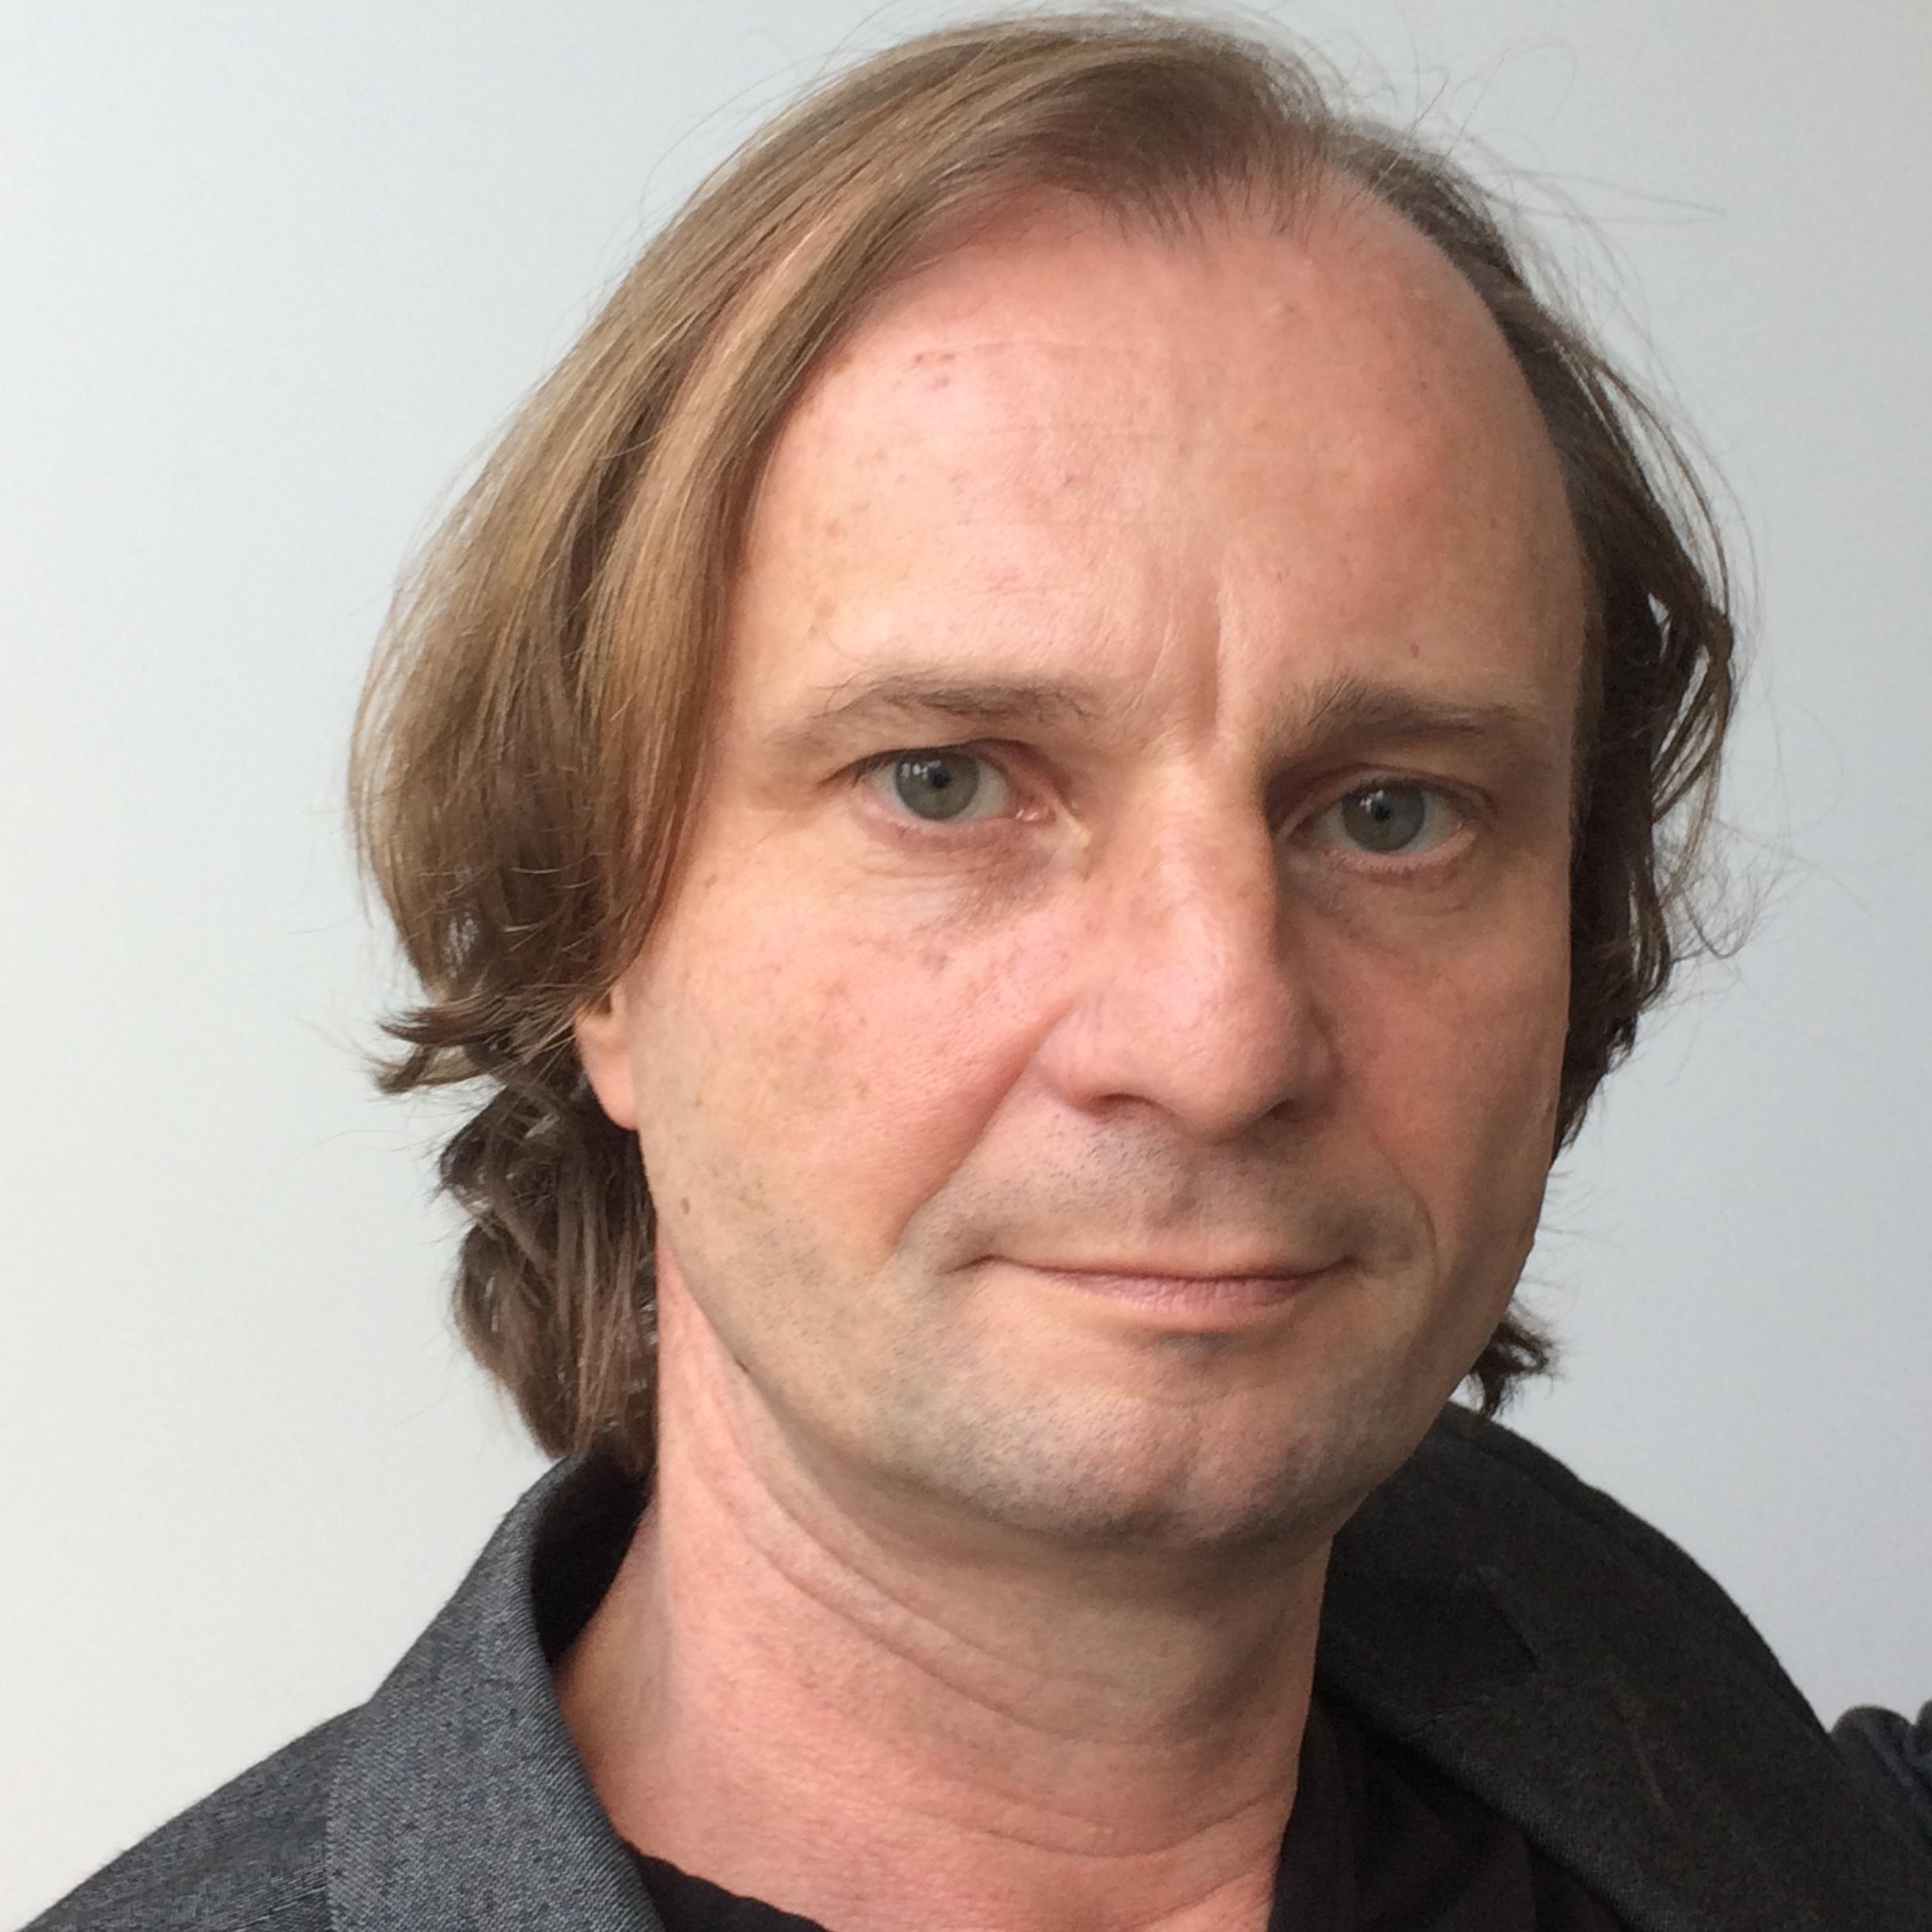 Marc van Seeventer